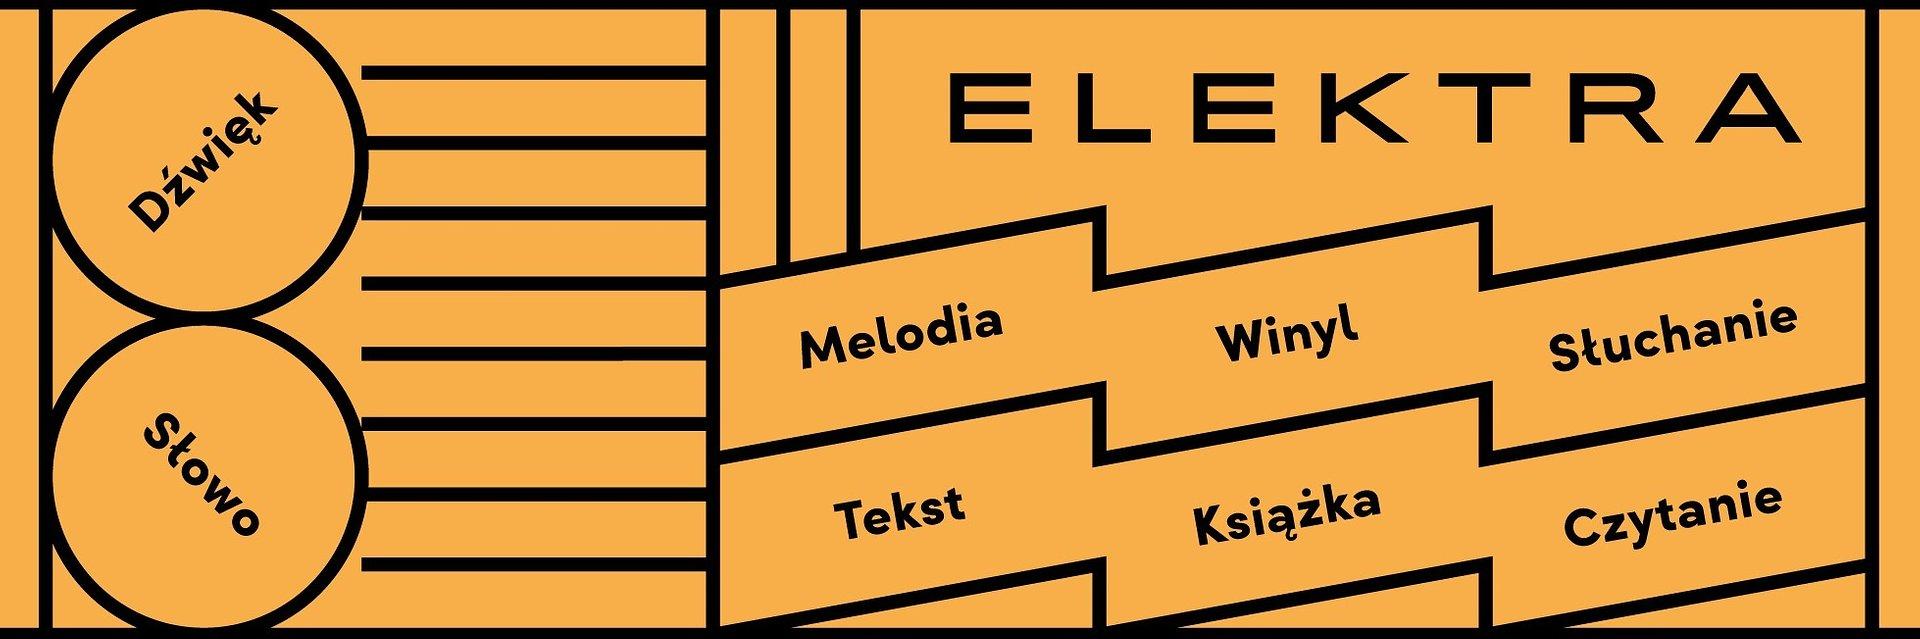 Czytelnia Słów i Dźwięków Elektra